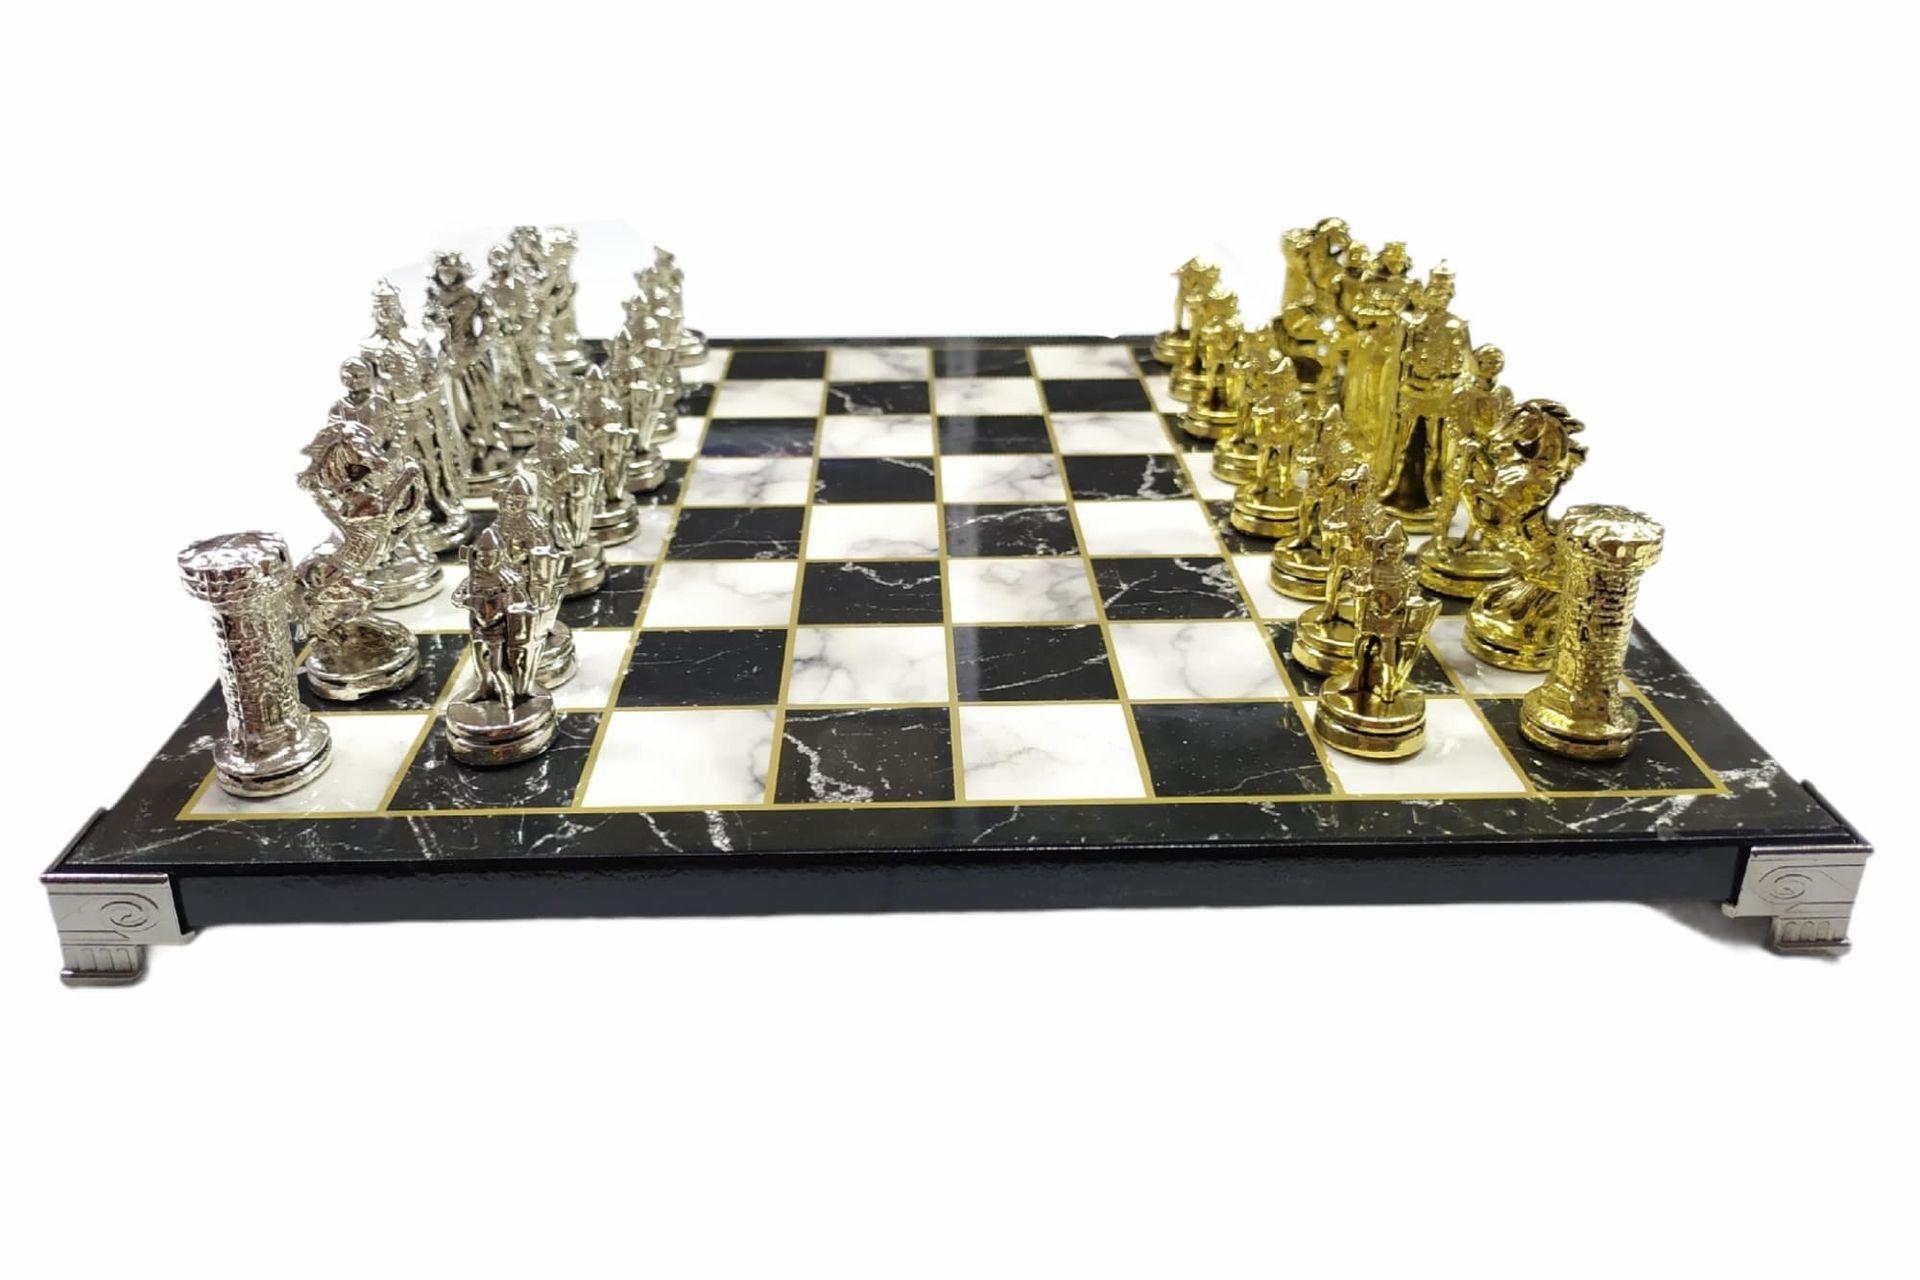 Livava Savaşçı LİVAVA SAVAŞÇI ASKERLER FİGÜRLÜ SATRANÇ SETİ MERMER TABLALI GÜMÜŞ-ALTINFigürlü Satranç Seti Mermer Tablalı Gümüş-Altın